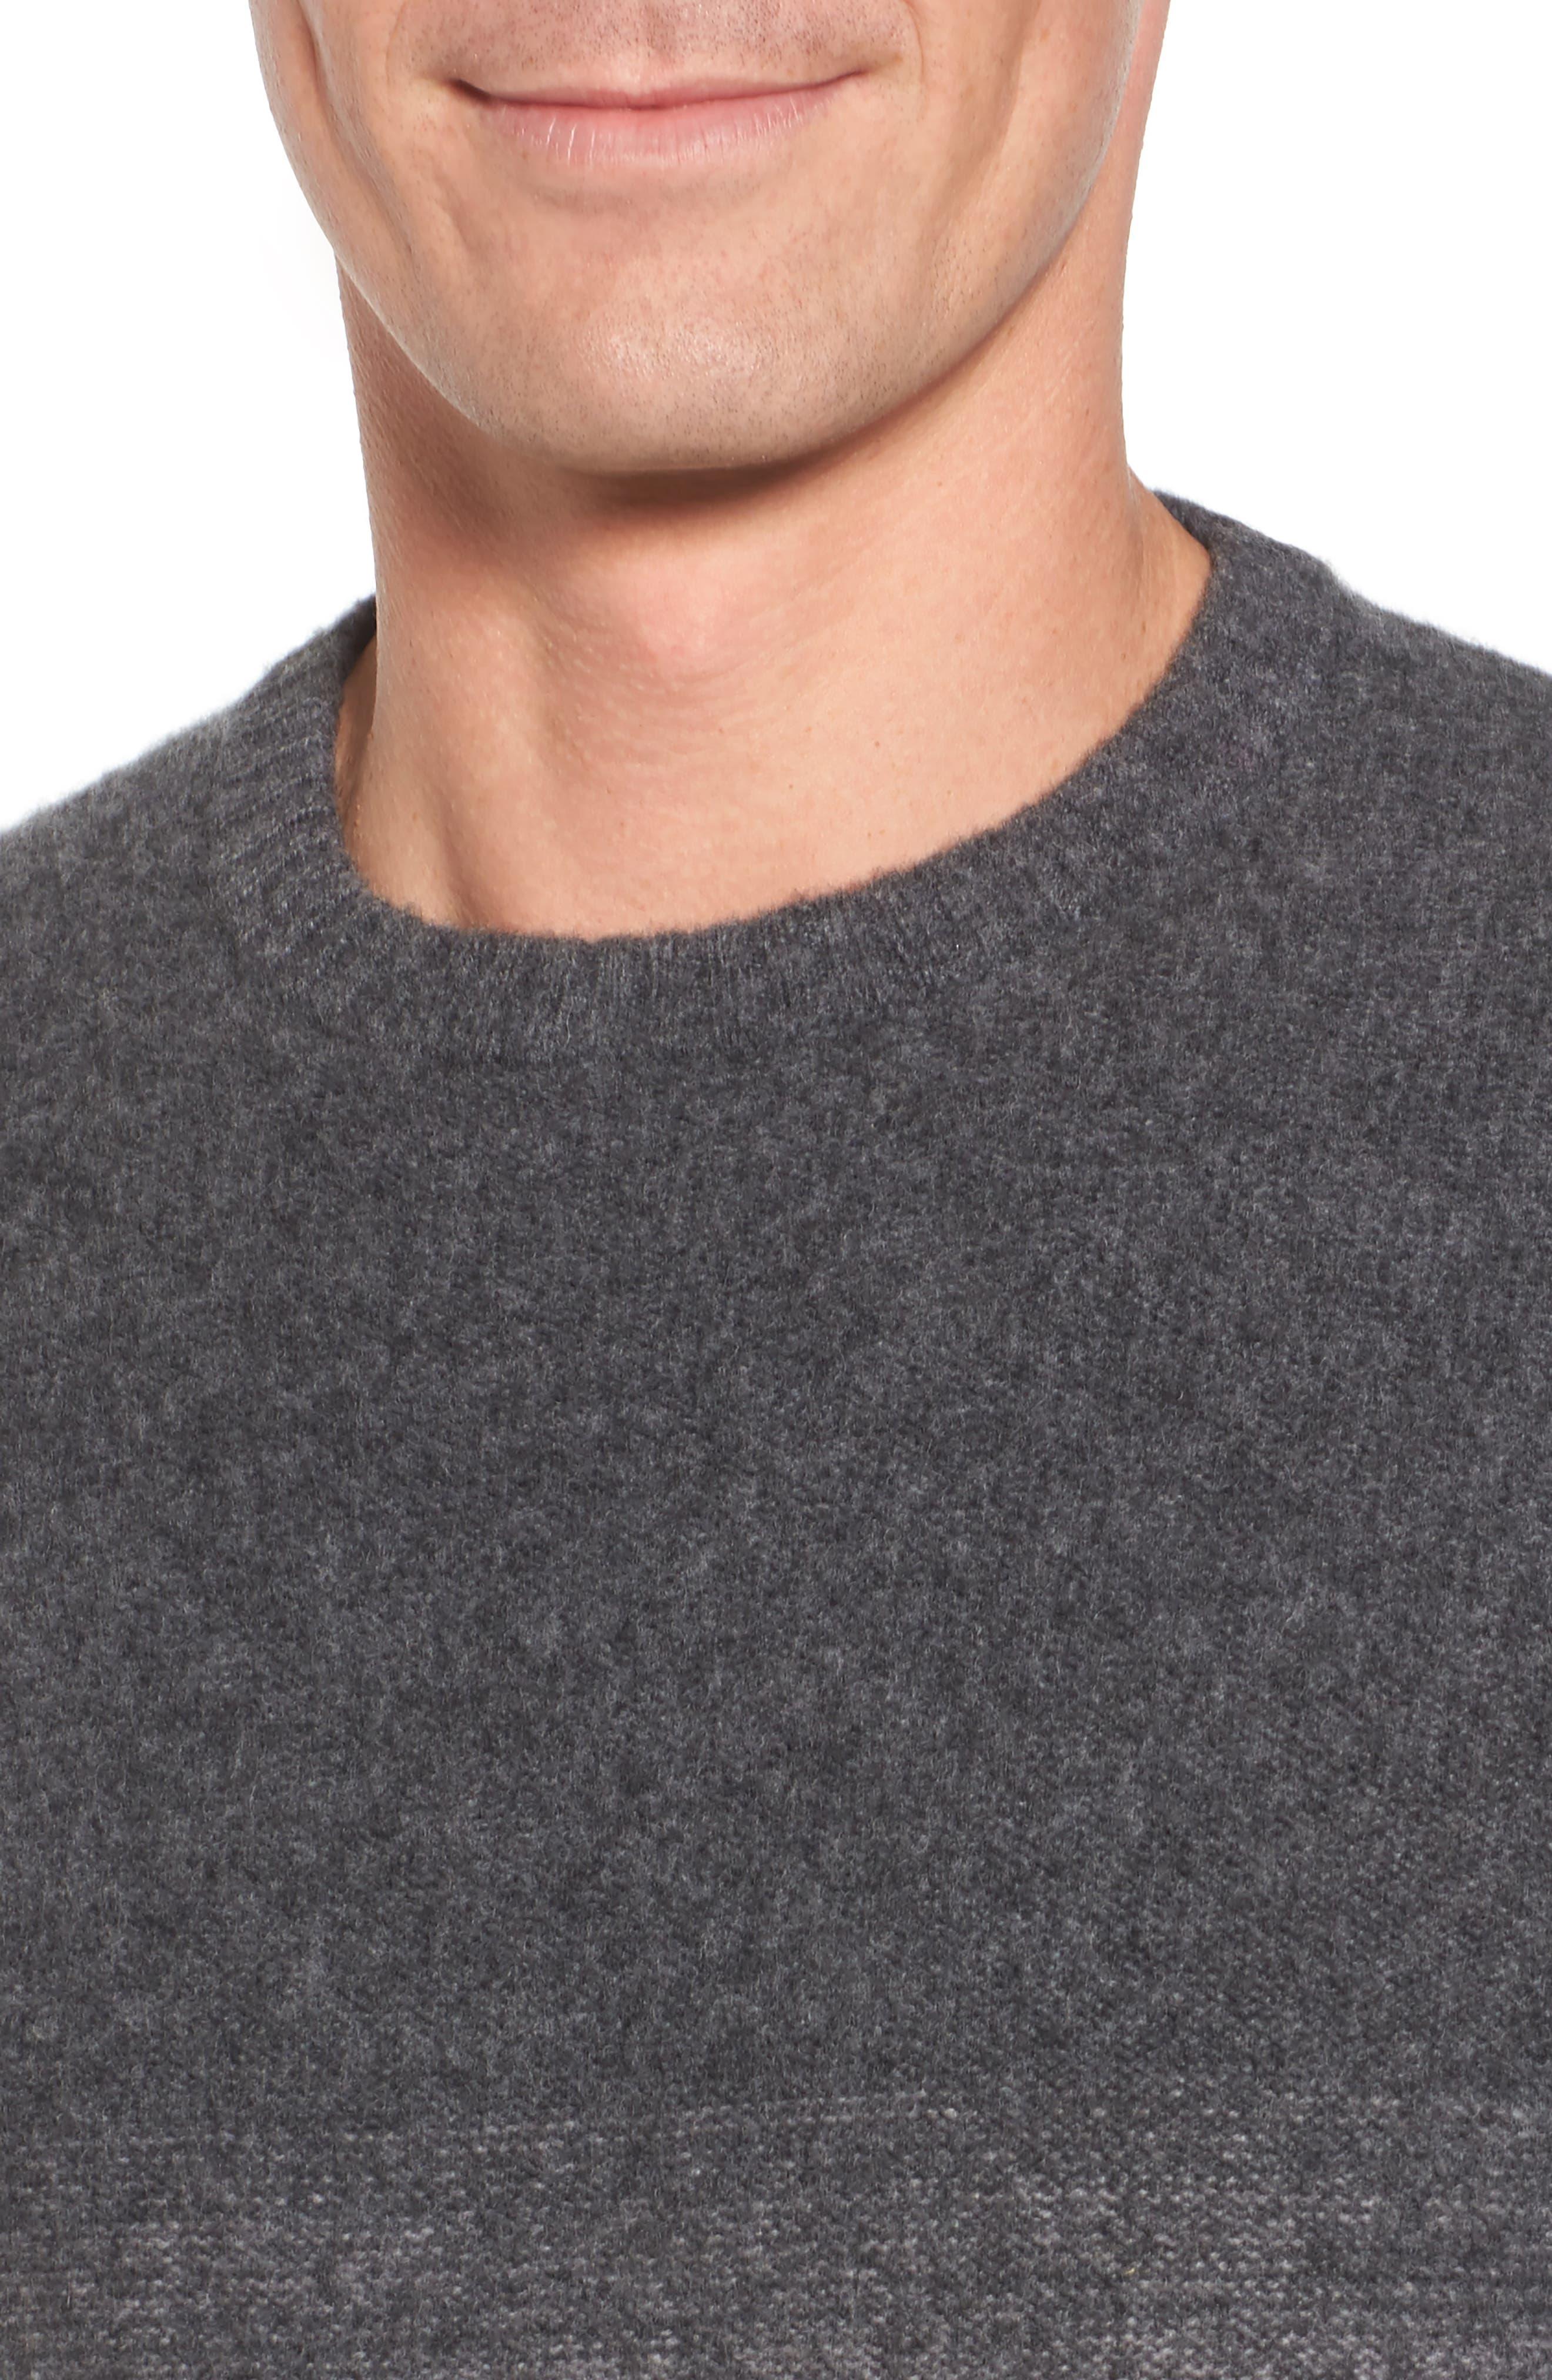 Monte Rosse Ombré Cashmere Sweater,                             Alternate thumbnail 4, color,                             030